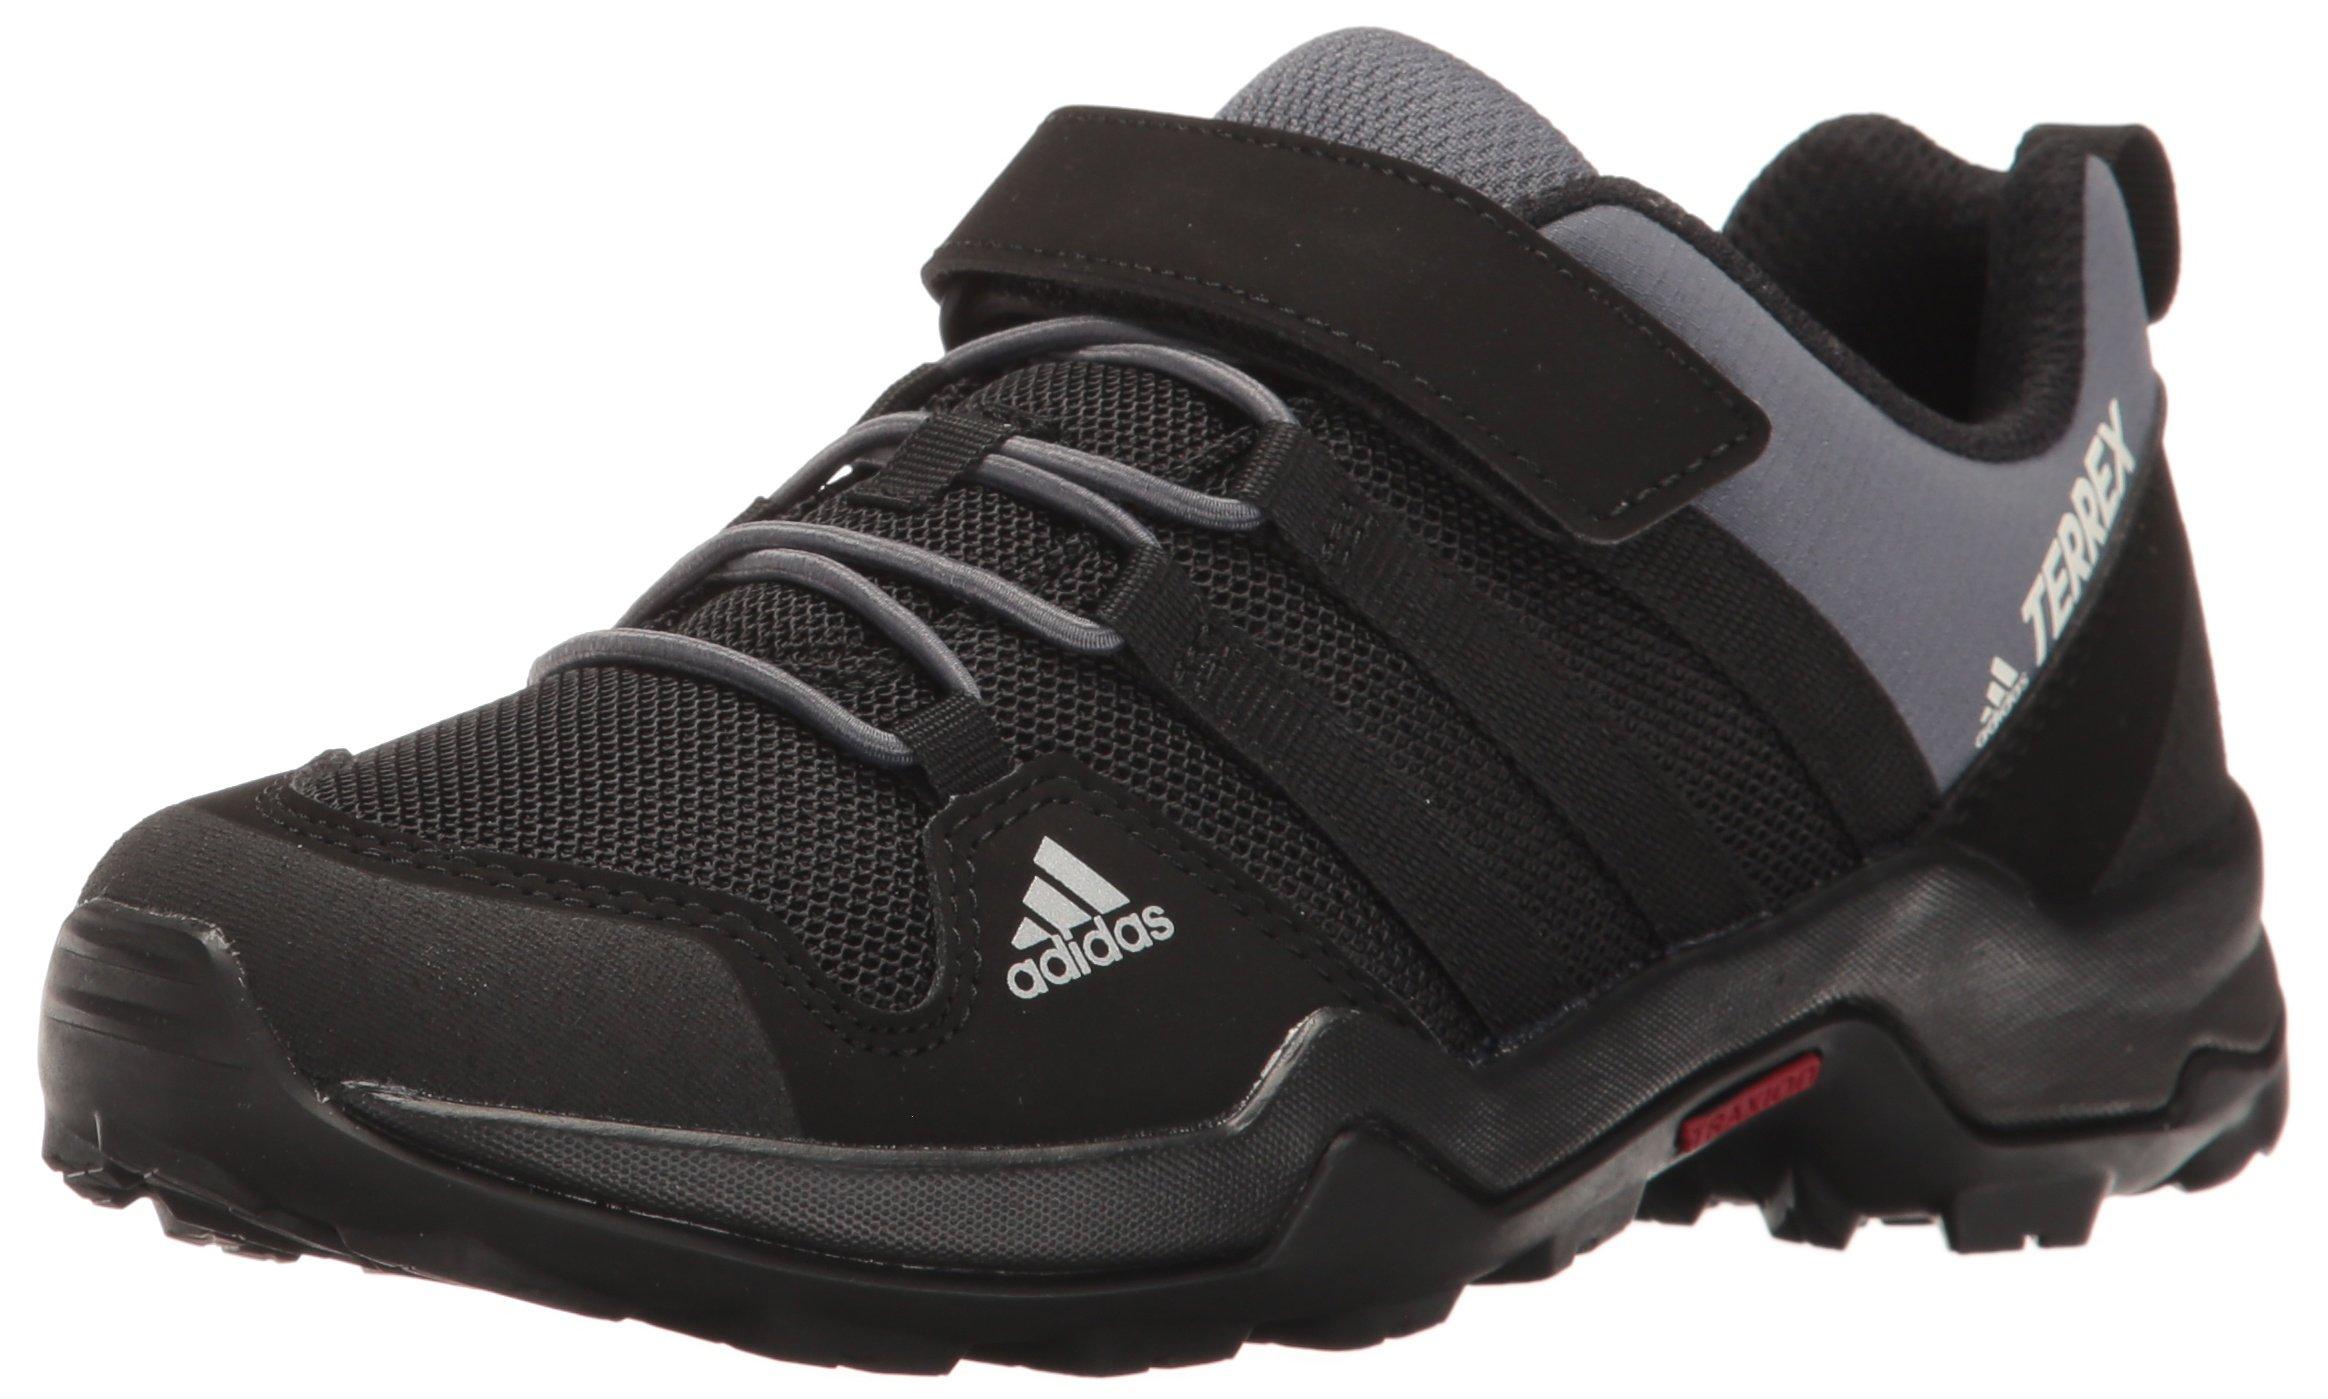 adidas outdoor Terrex AX2R CF Hiking Boot, Black/Onix, 4 Child US Big Kid